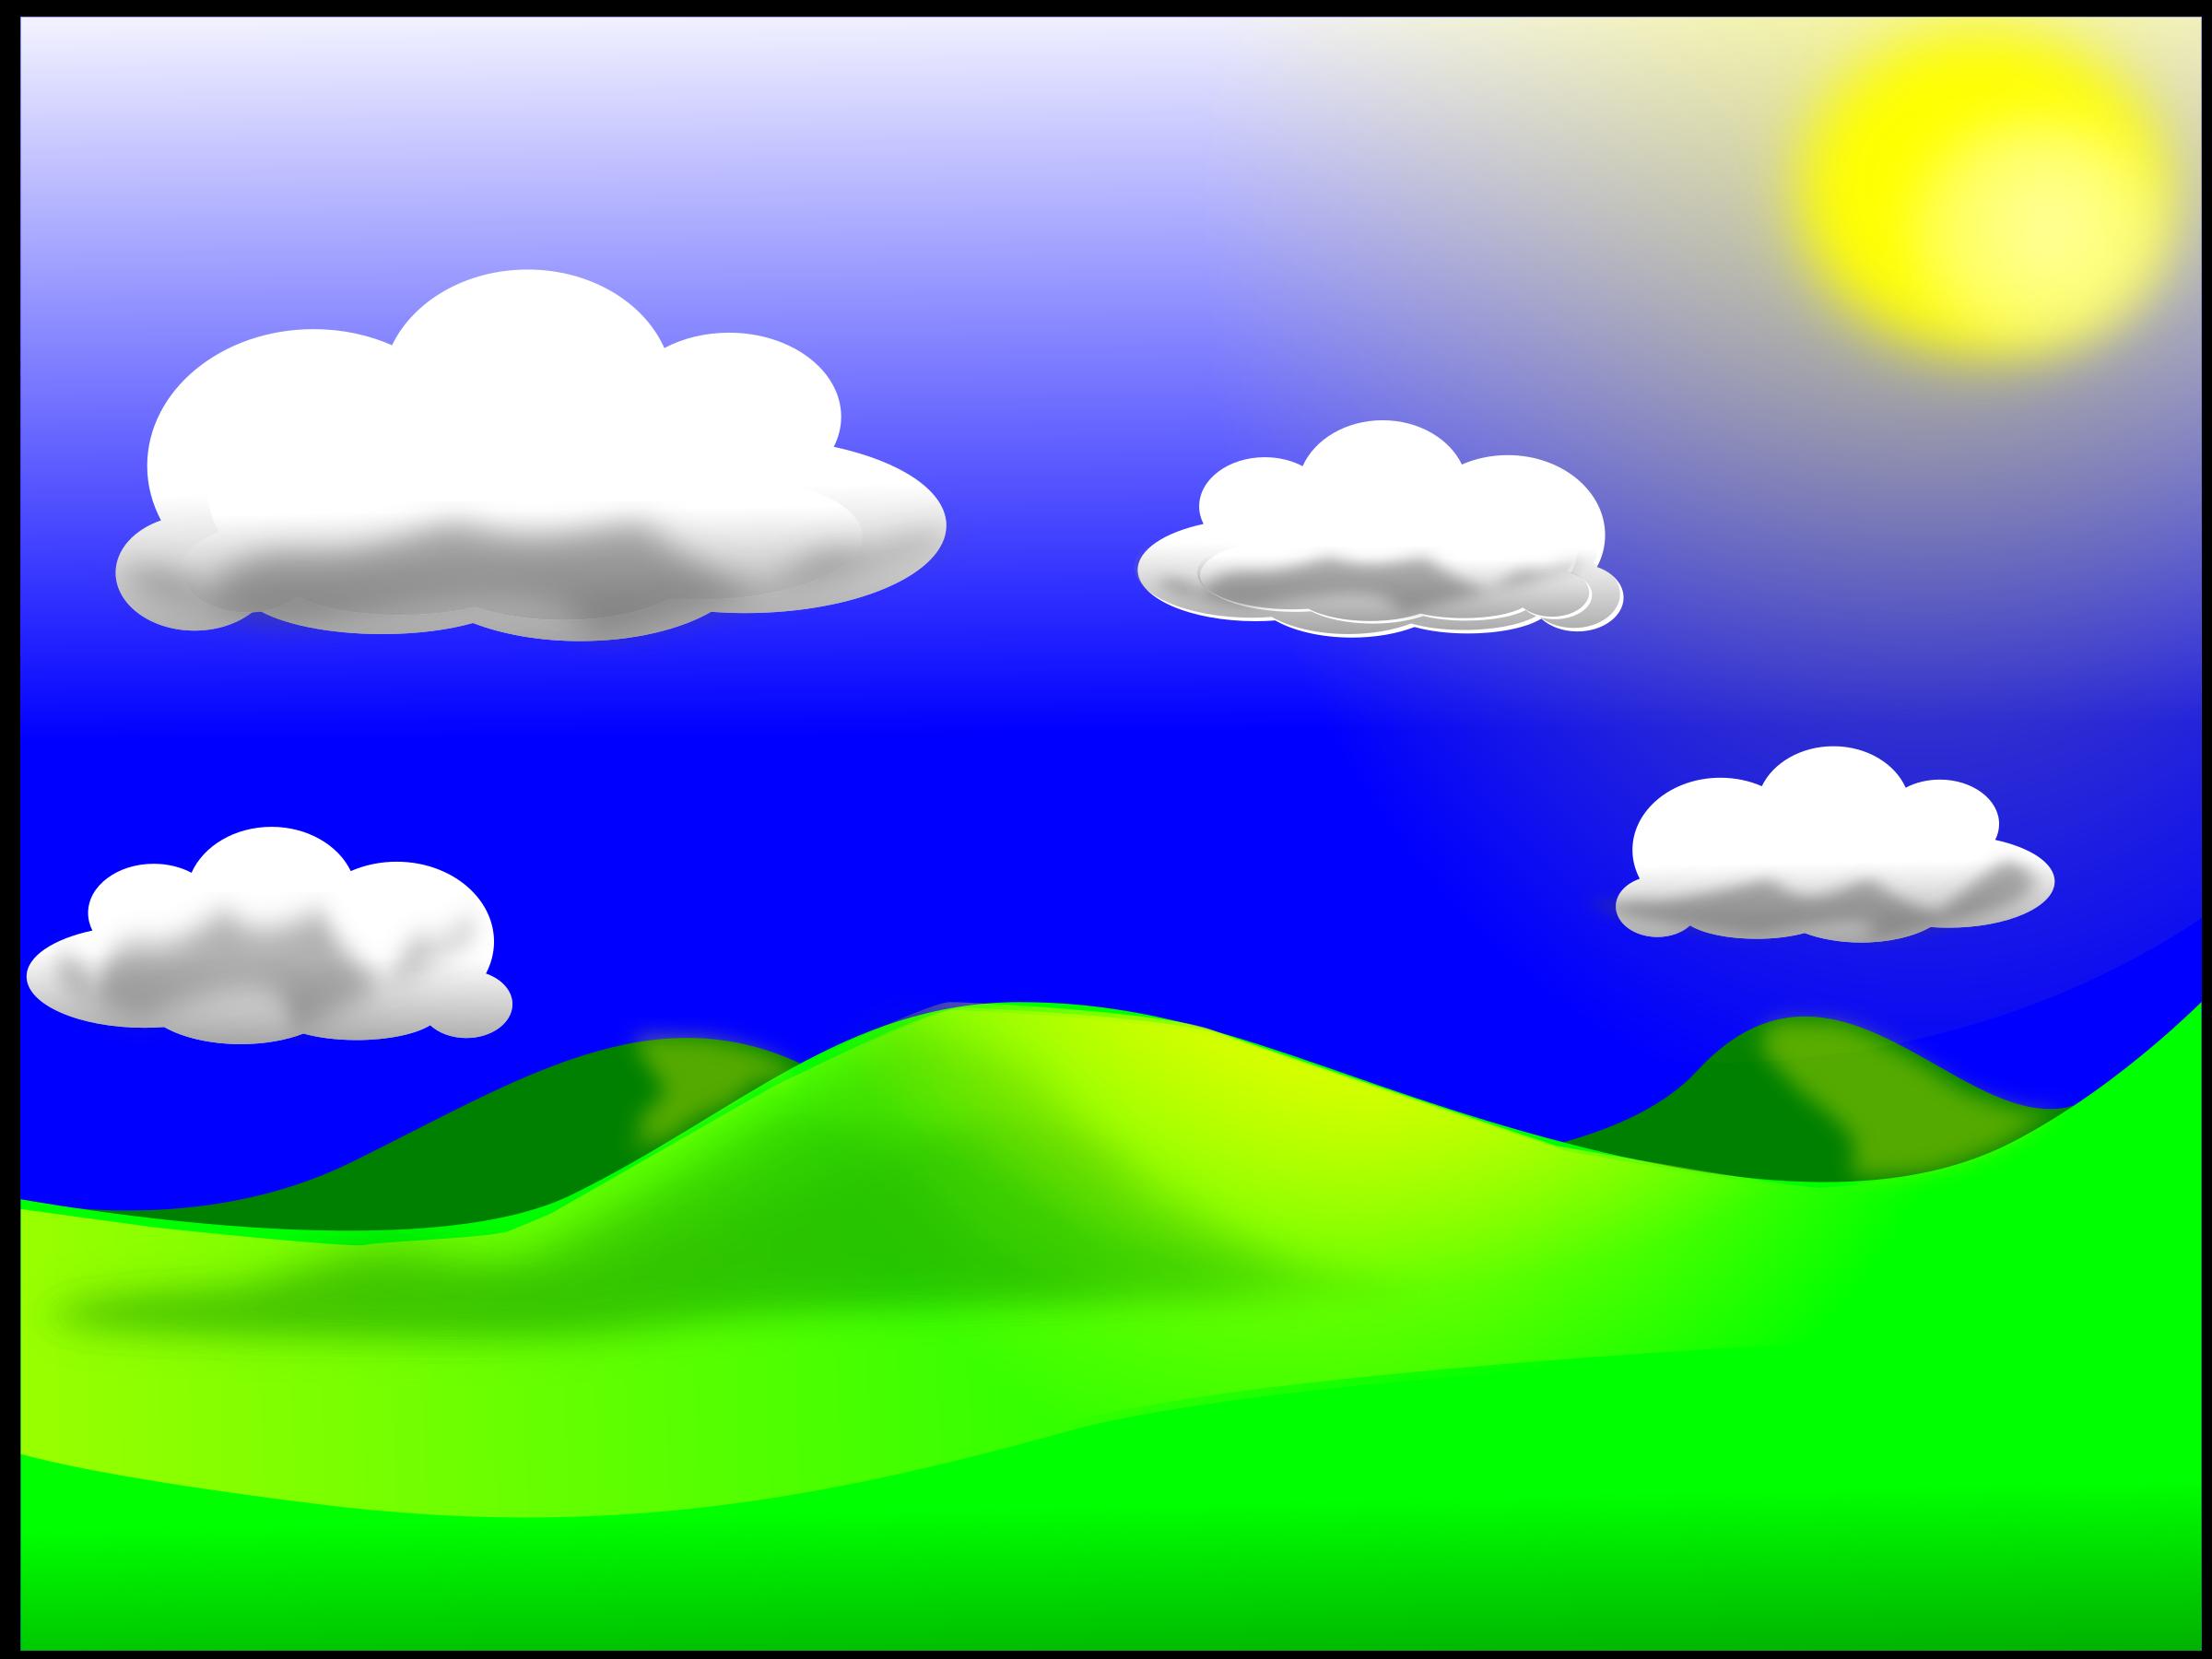 Clipart - Landscape-02: https://openclipart.org/detail/76423/landscape_2